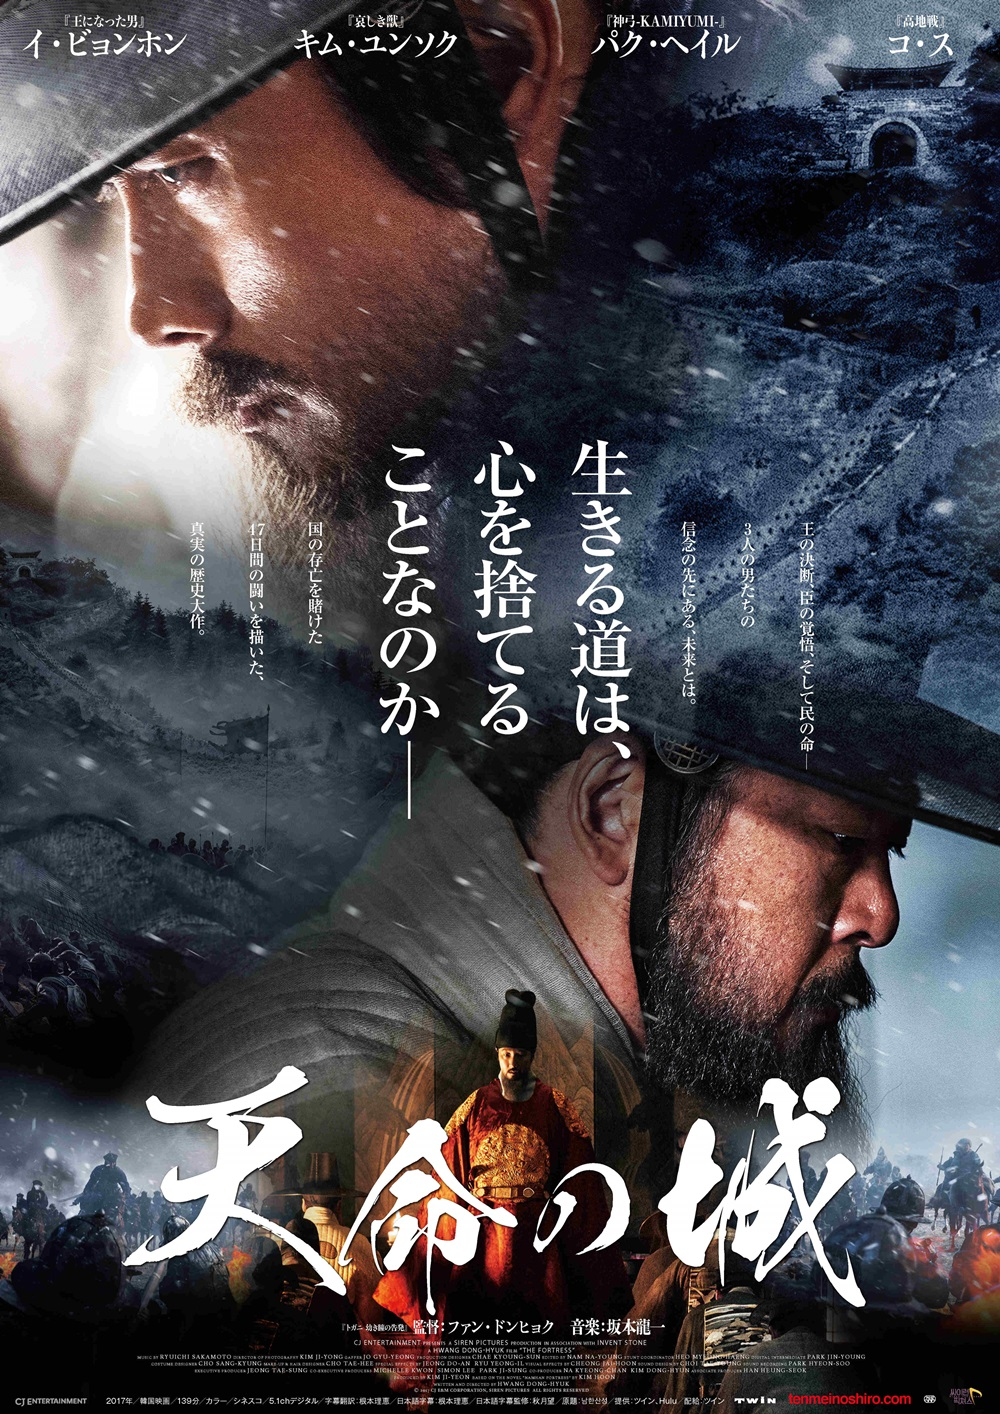 【画像】映画『天命の城』ポスタービジュアル